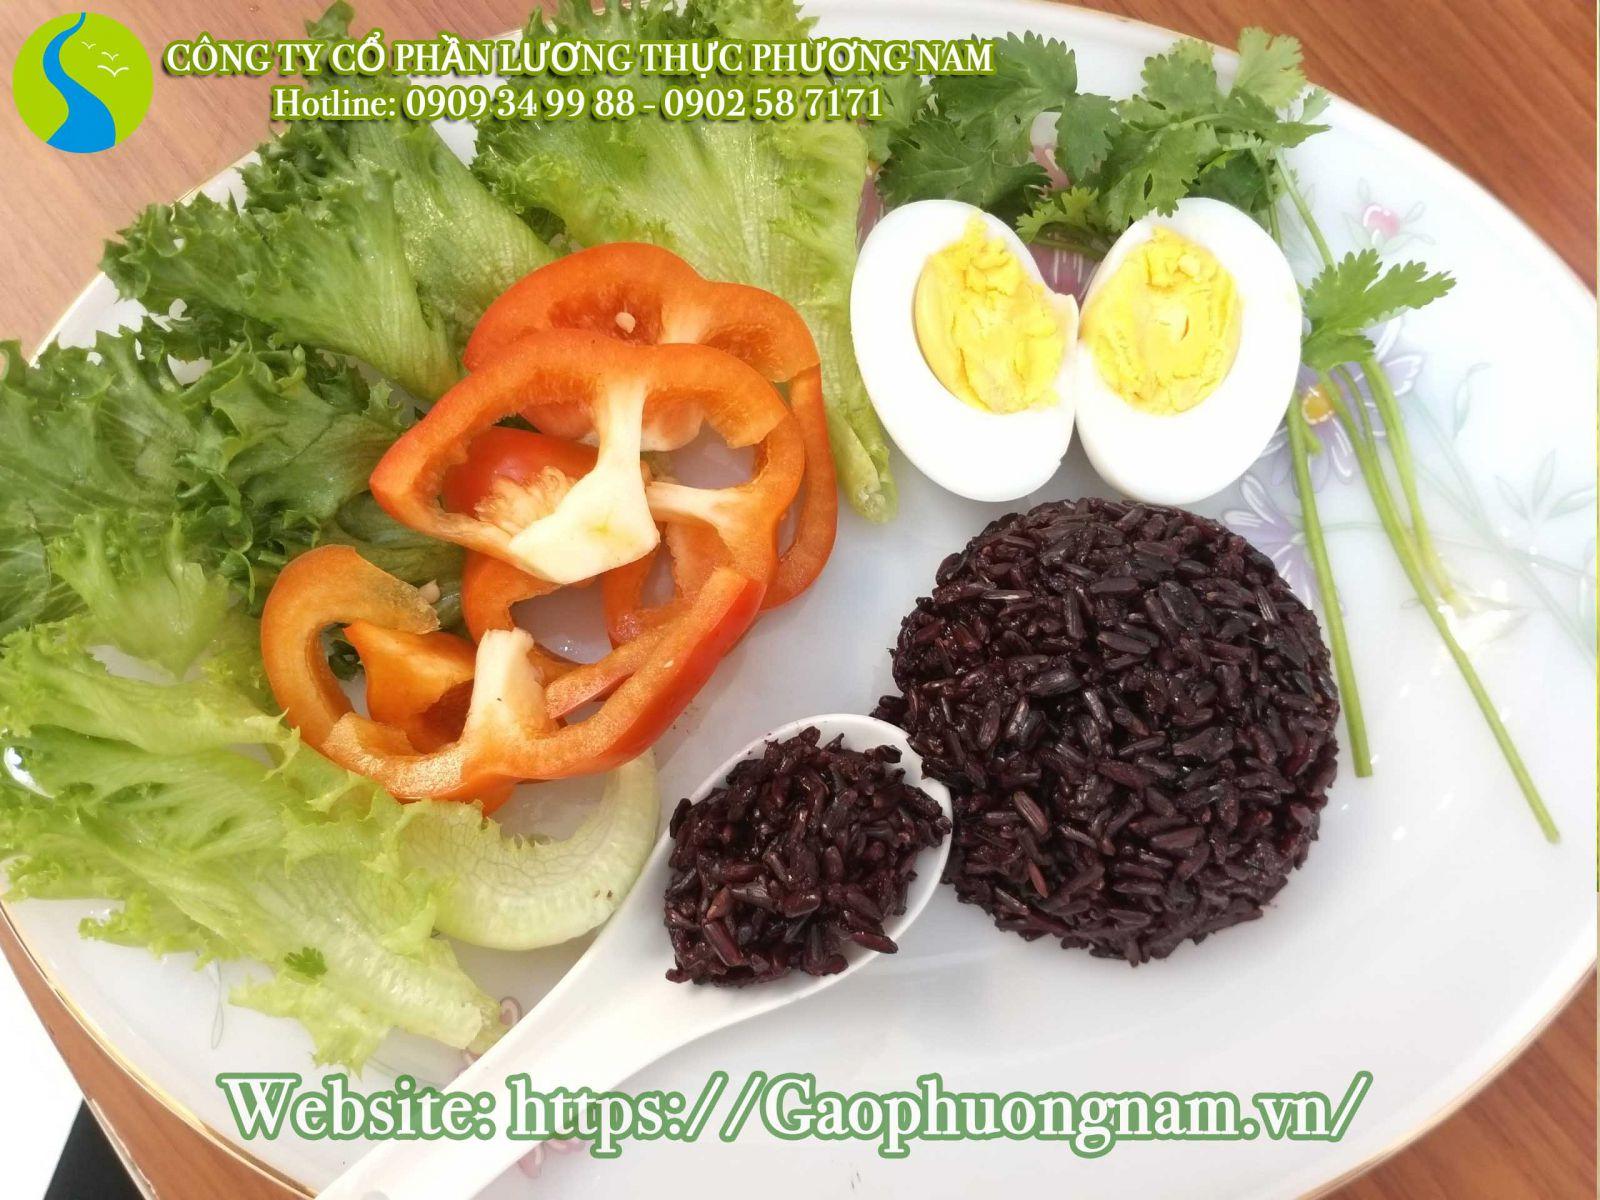 Cơm gạo lứt có thể dùng chung với các món ăn khác